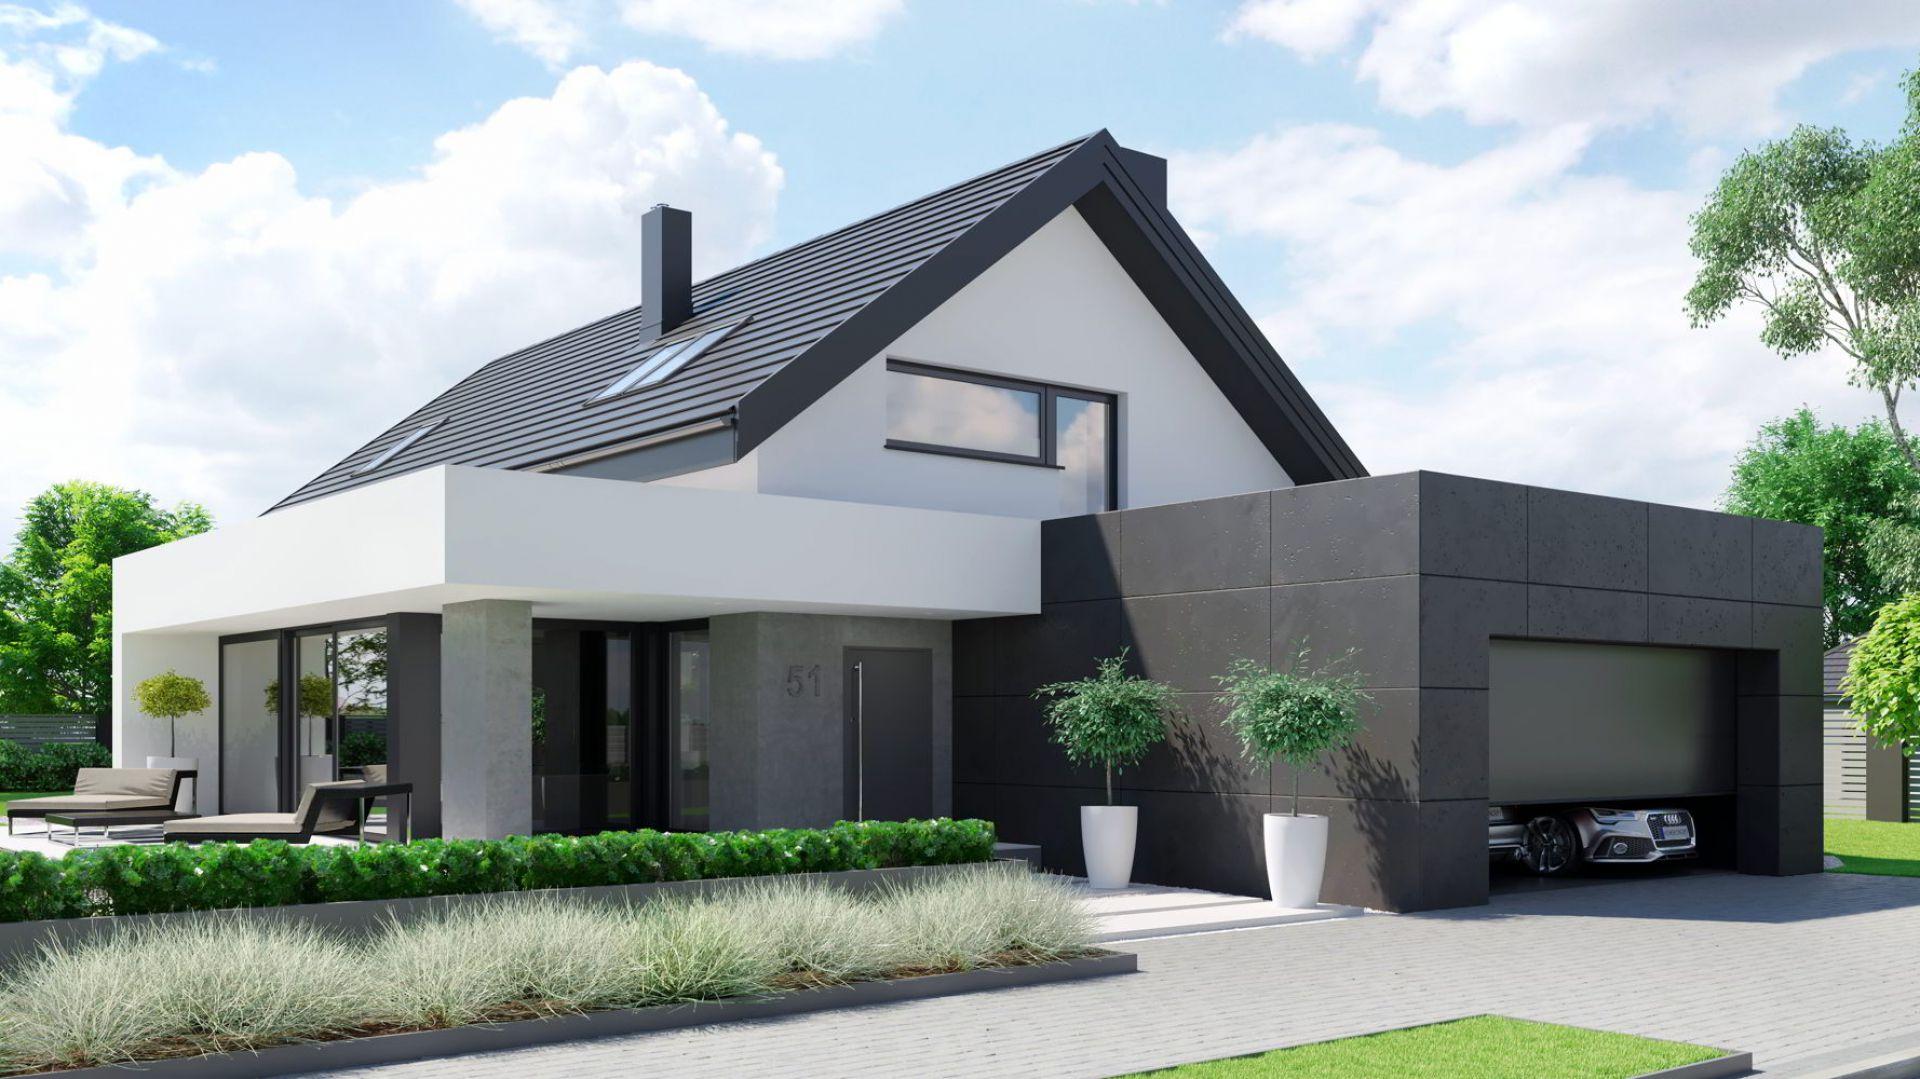 Dom to doskonała propozycja dla wielbicieli nowoczesnych rozwiązań projektowych oraz funkcjonalnych i ponadczasowych wnętrz.Dom HomeKONCEPT 51. Projekt i zdjęcia: Zespół Projektowy HomeKONCEPT